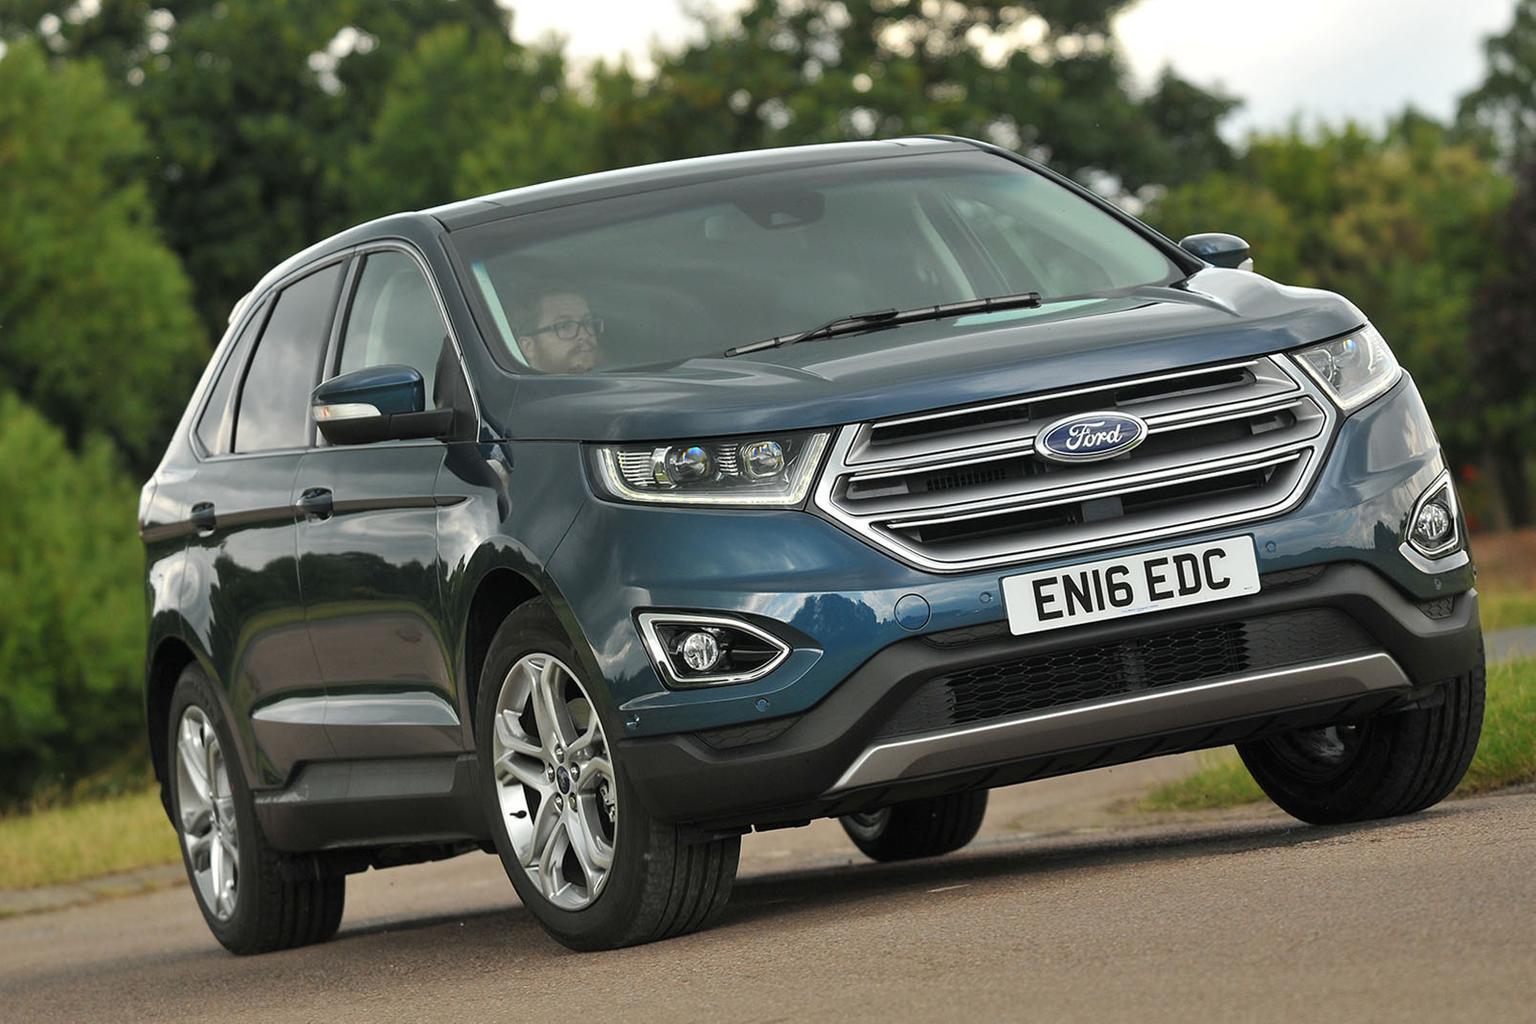 New Ford Edge vs Kia Sorento